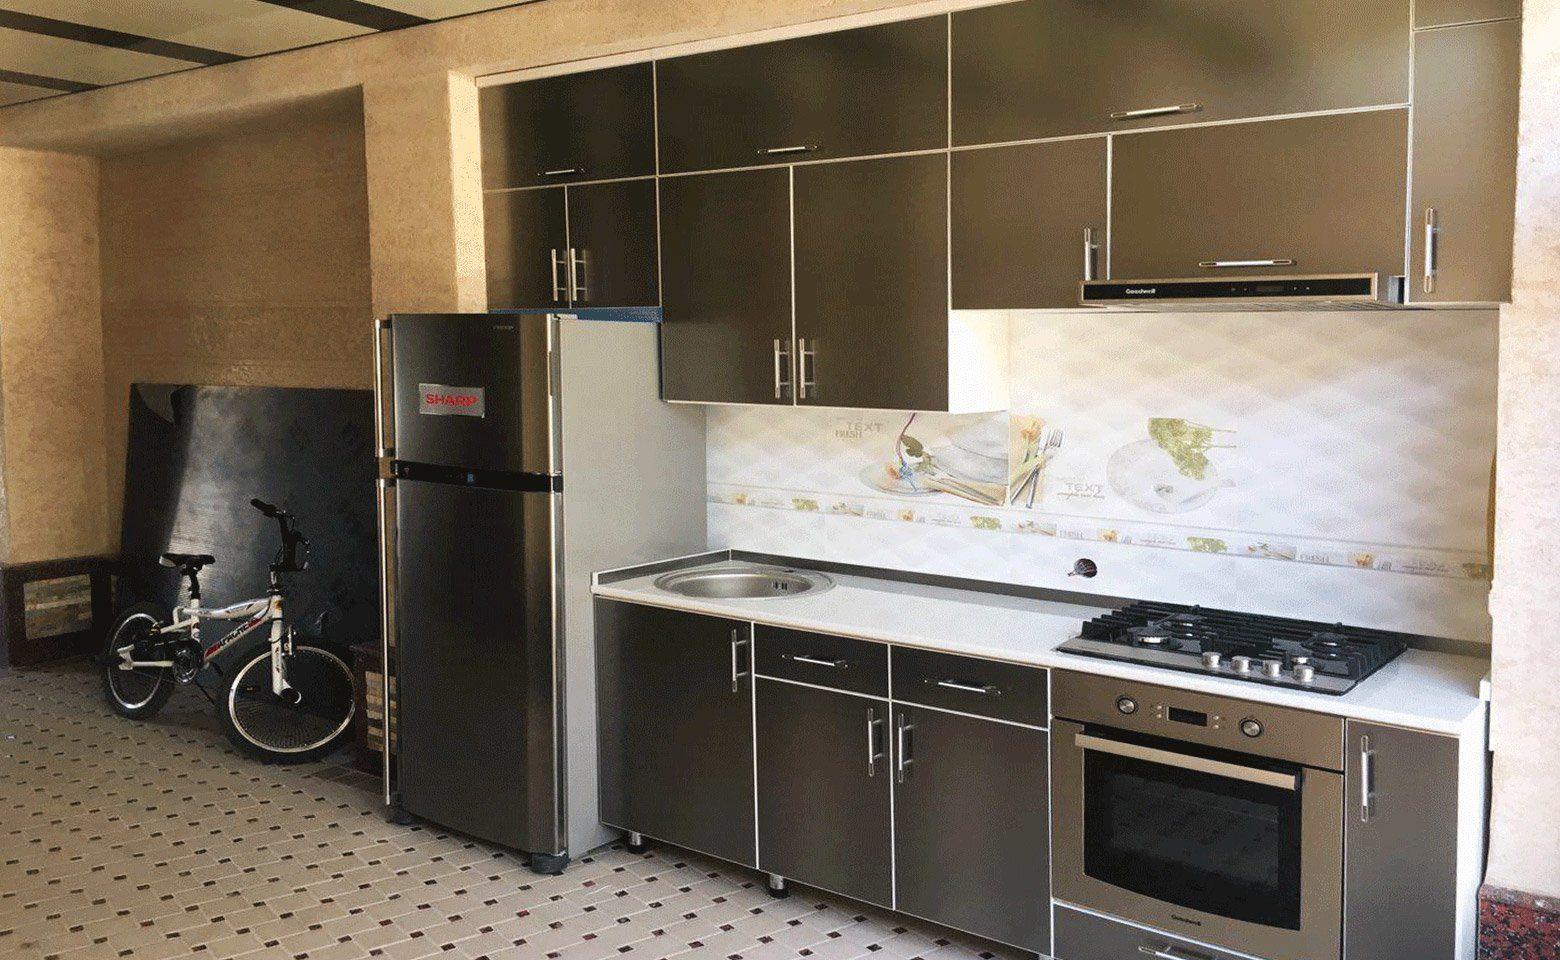 кухонный гарнитур на заказ в ташкенте изготавливаем мебель для